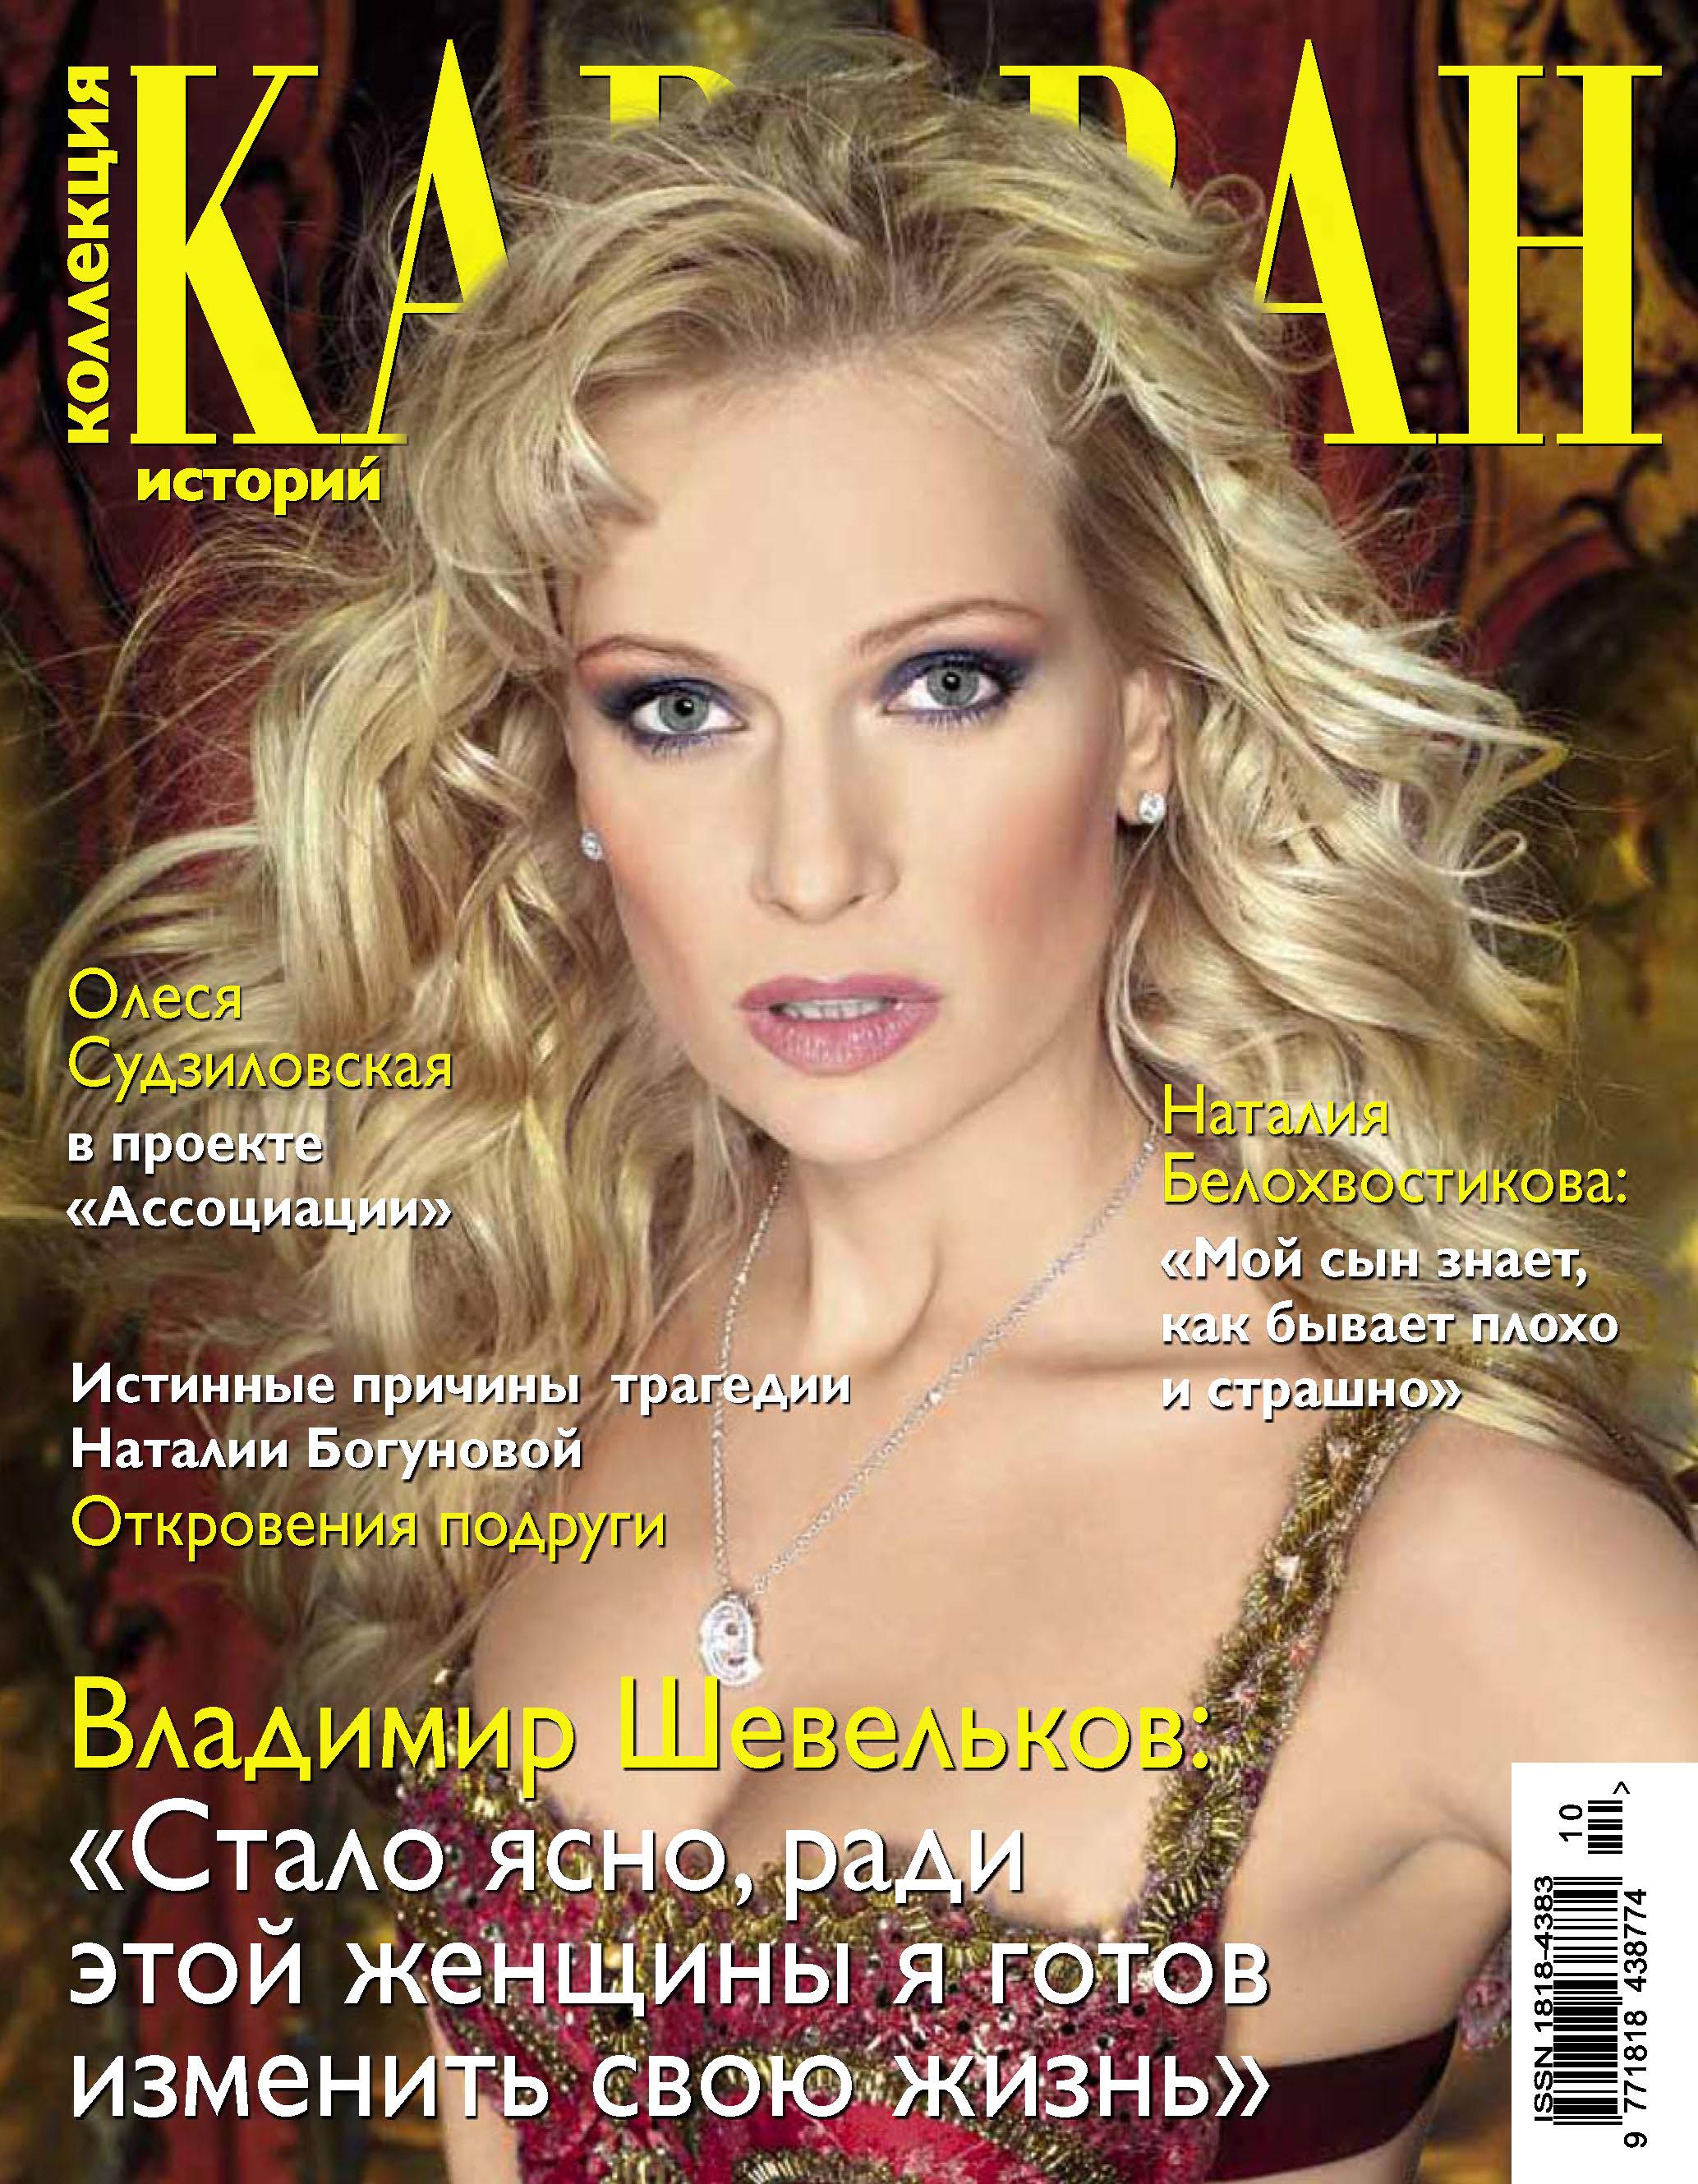 цена на Отсутствует Коллекция Караван историй №10 / октябрь 2013